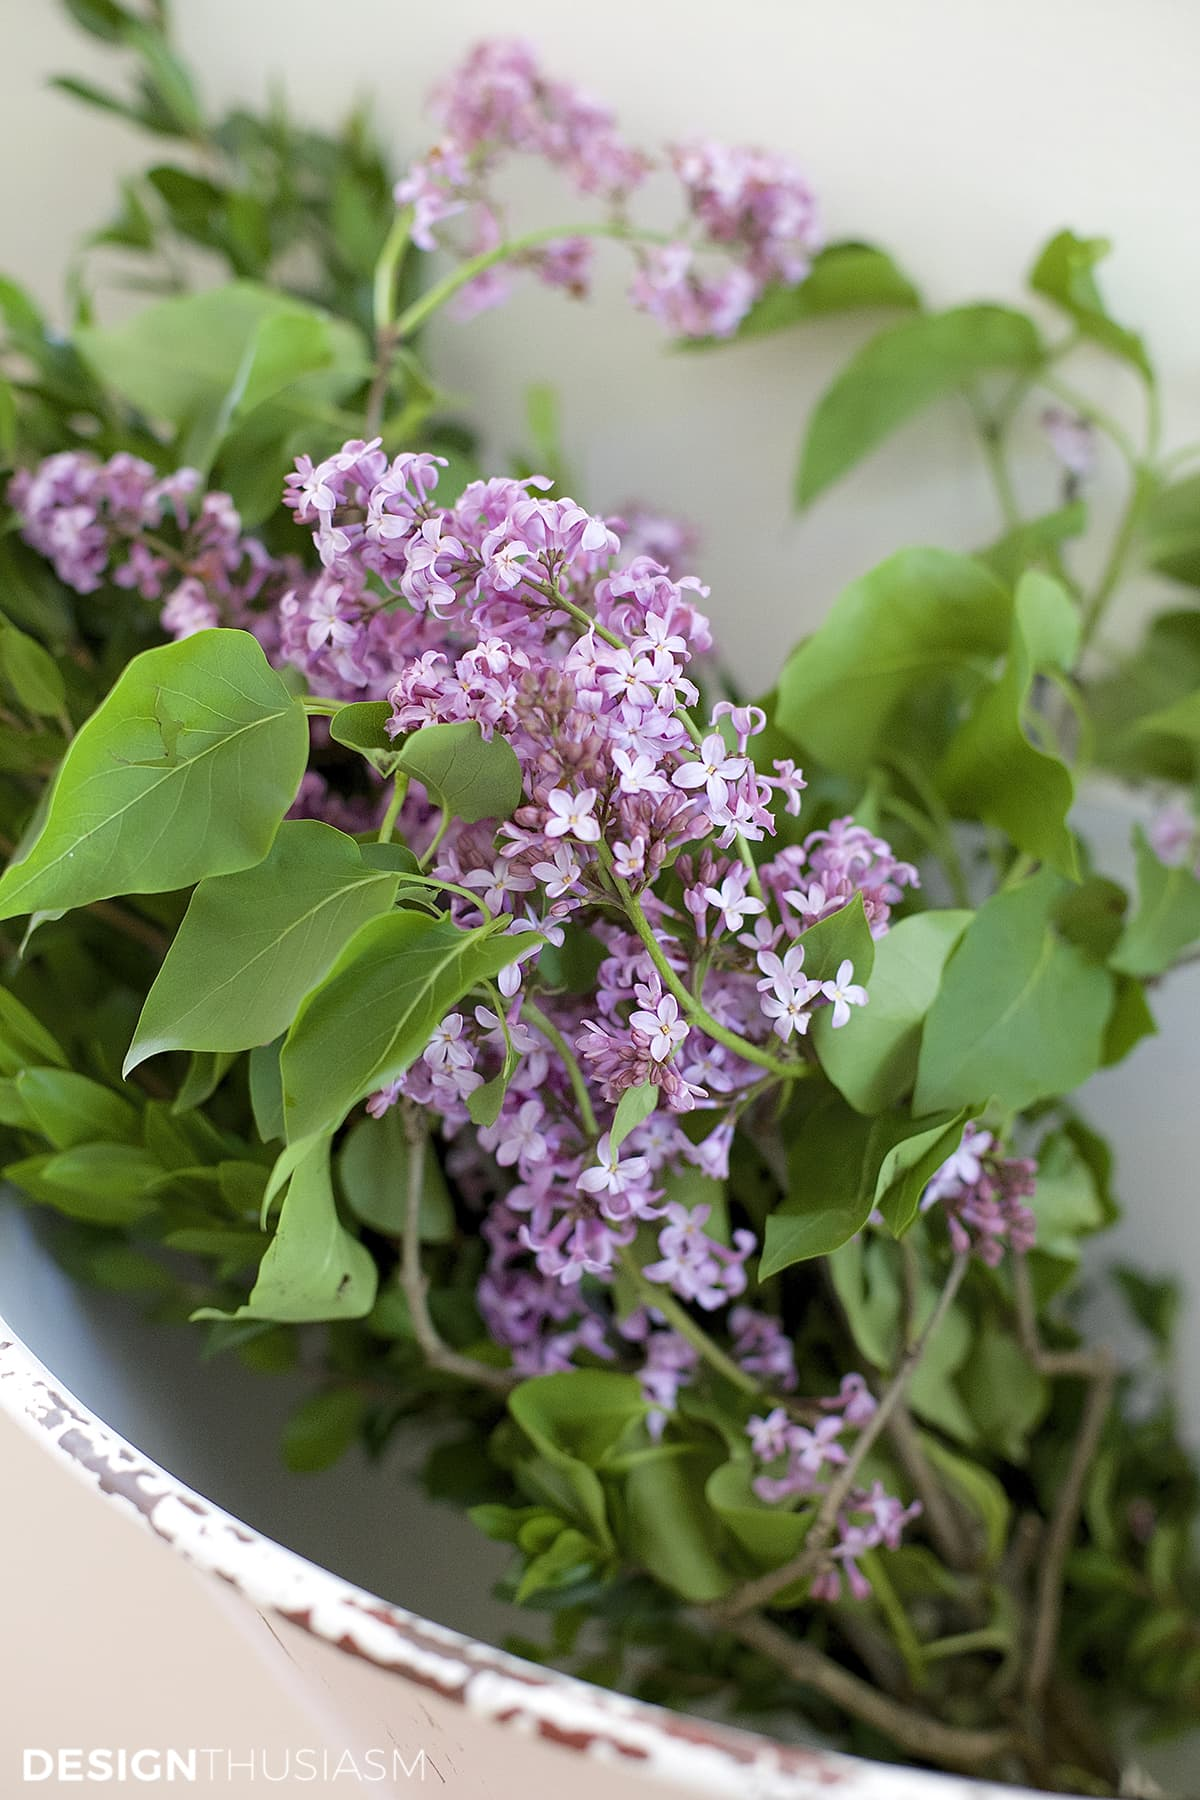 Lilacs | Decorating consultation | Designthusiasm.com